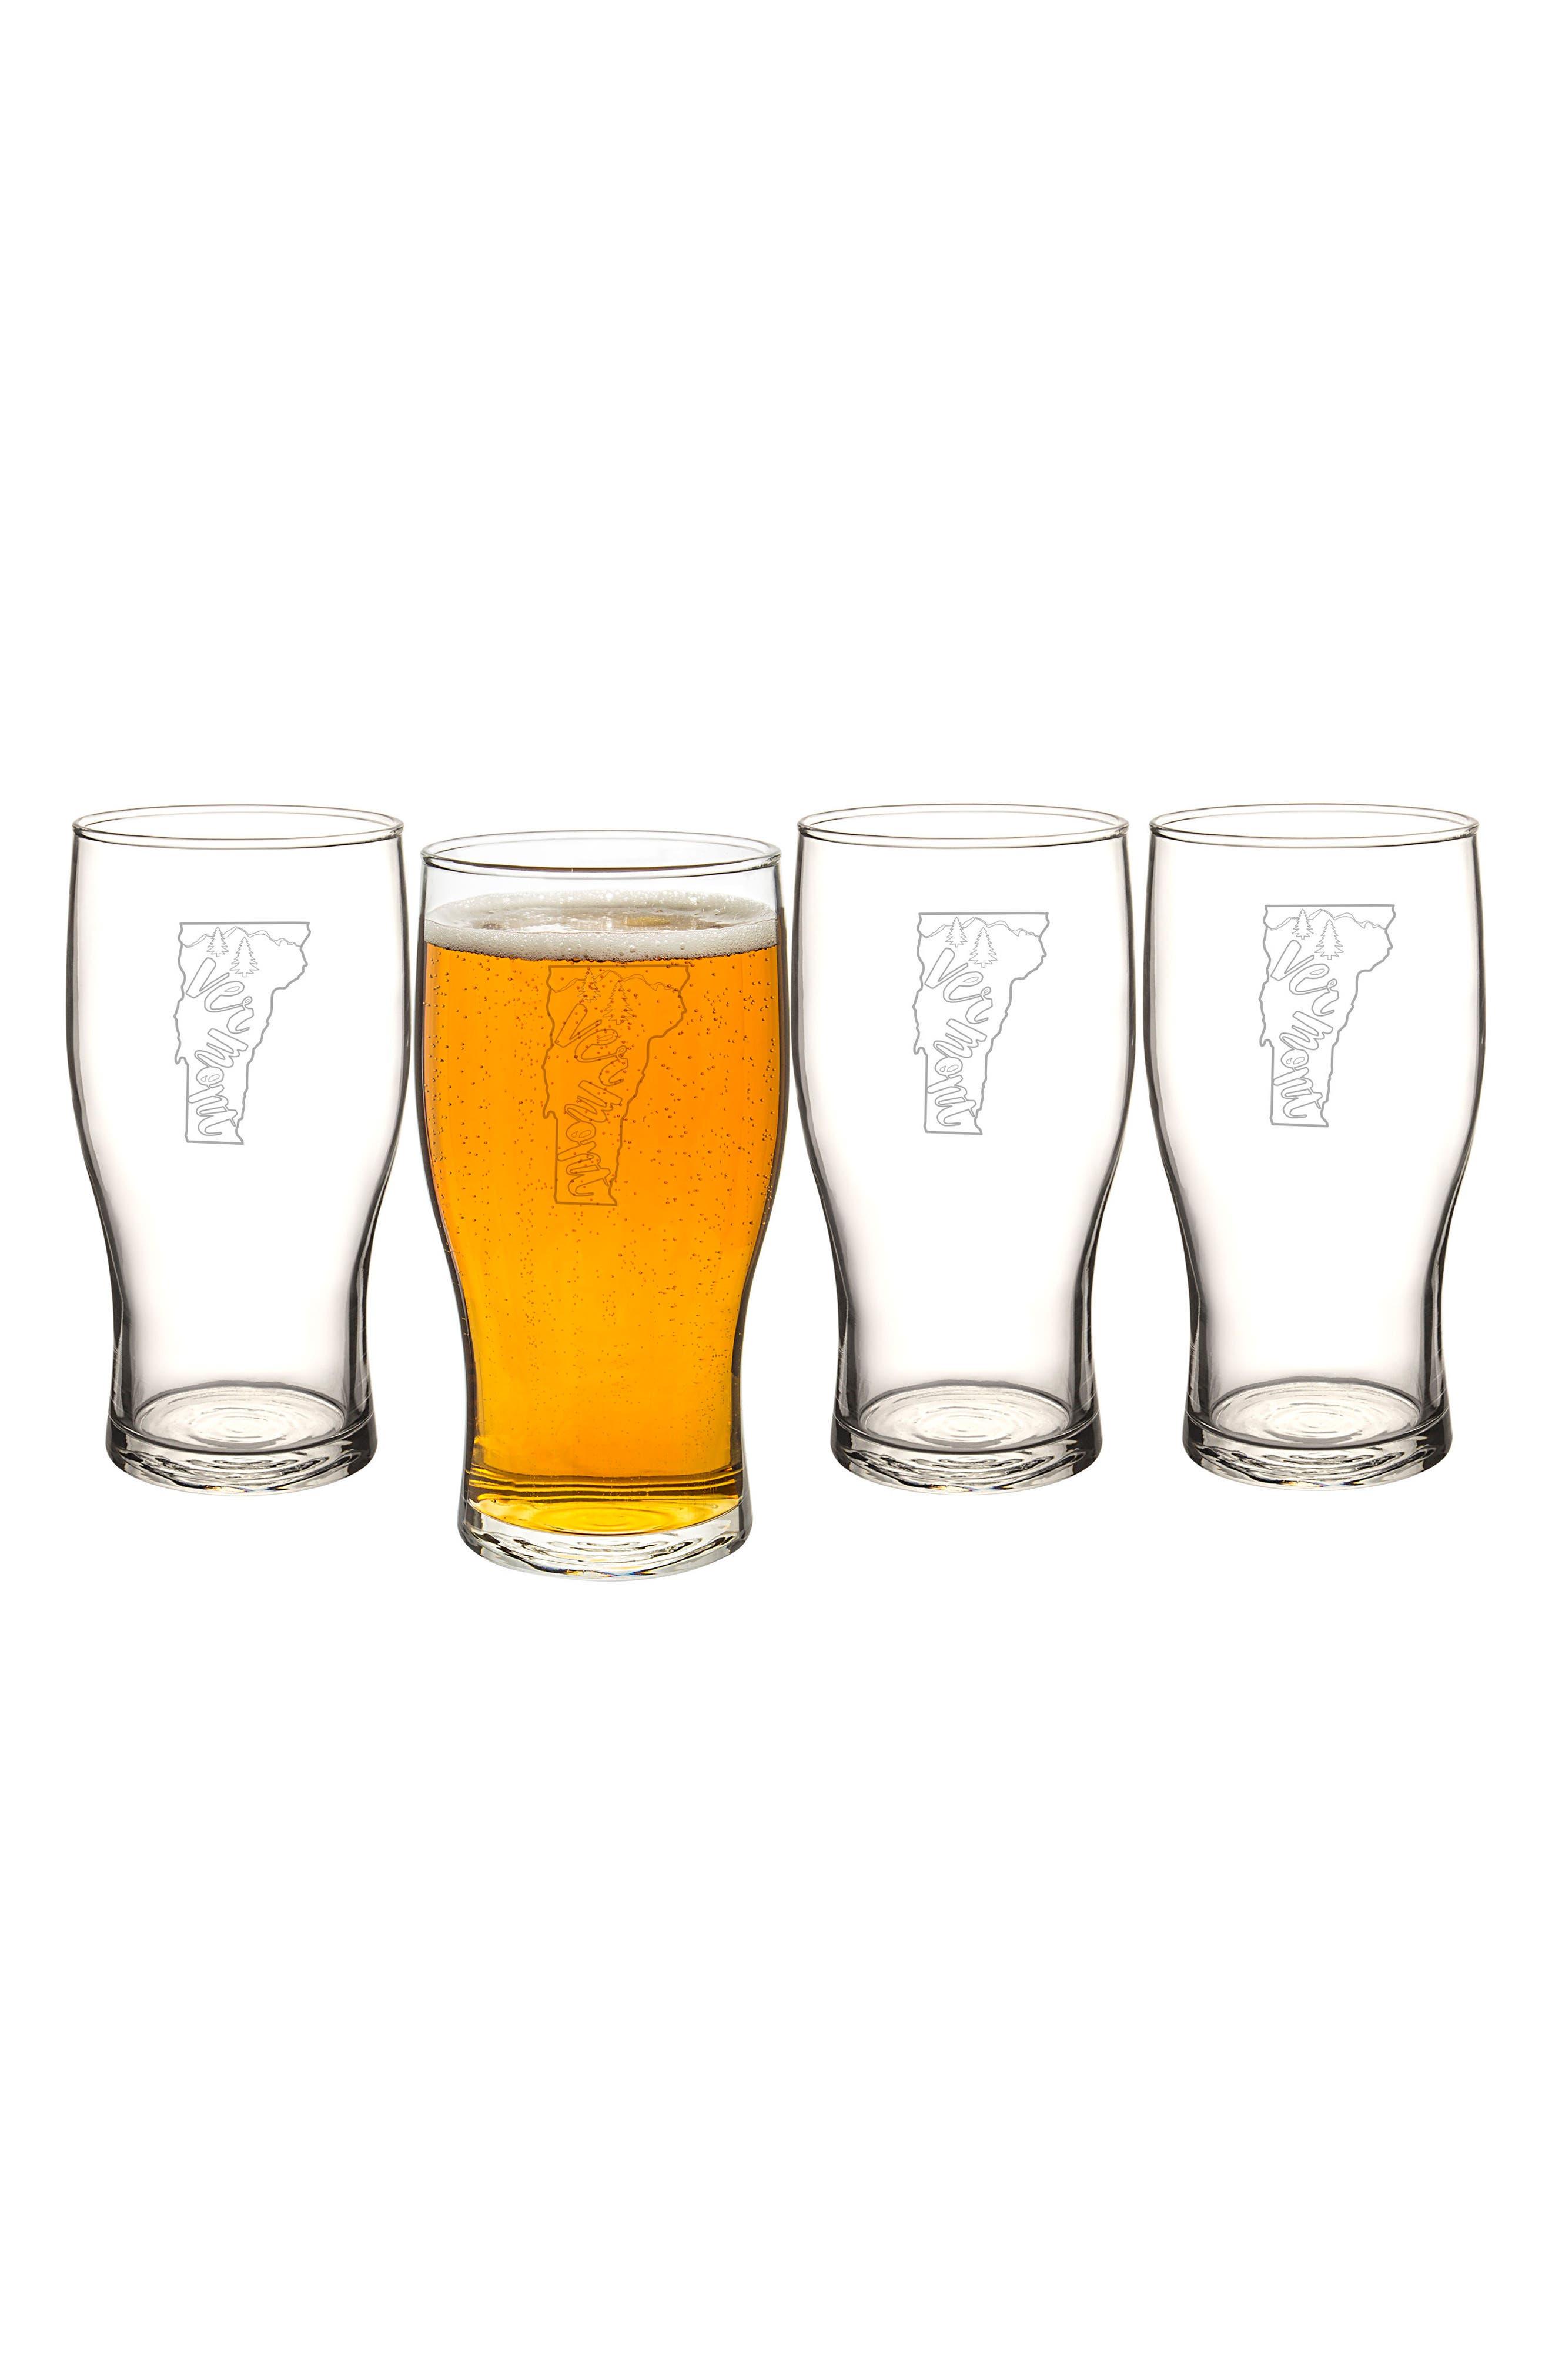 State Set of 4 Pilsner Glasses,                         Main,                         color, Clear - Vt